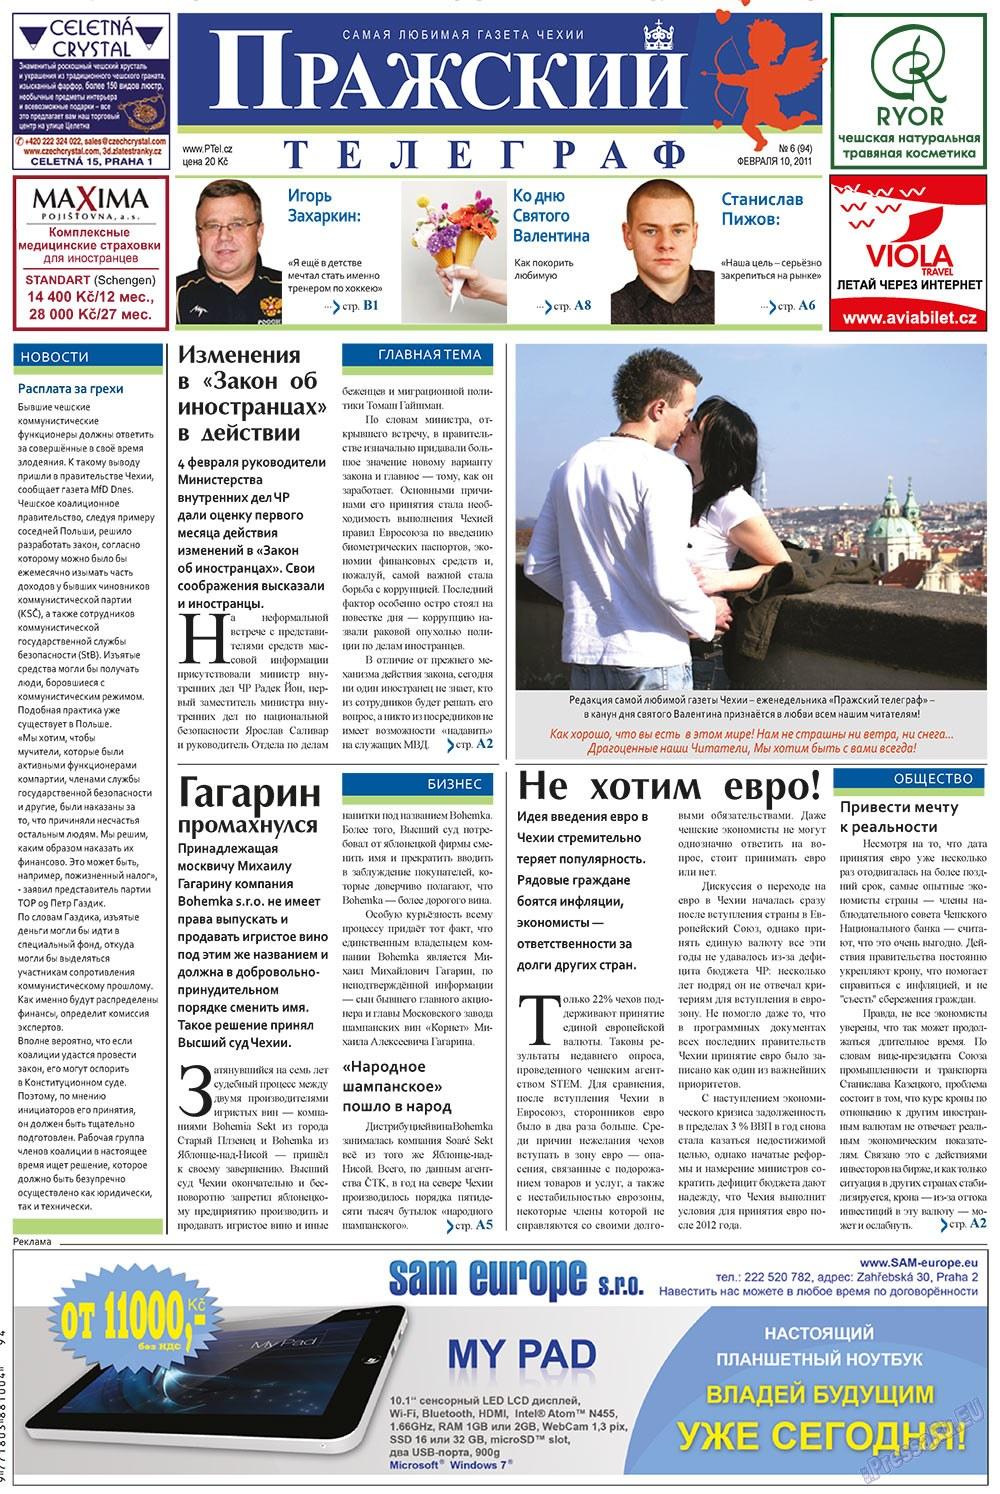 Пражский телеграф (газета). 2011 год, номер 6, стр. 1